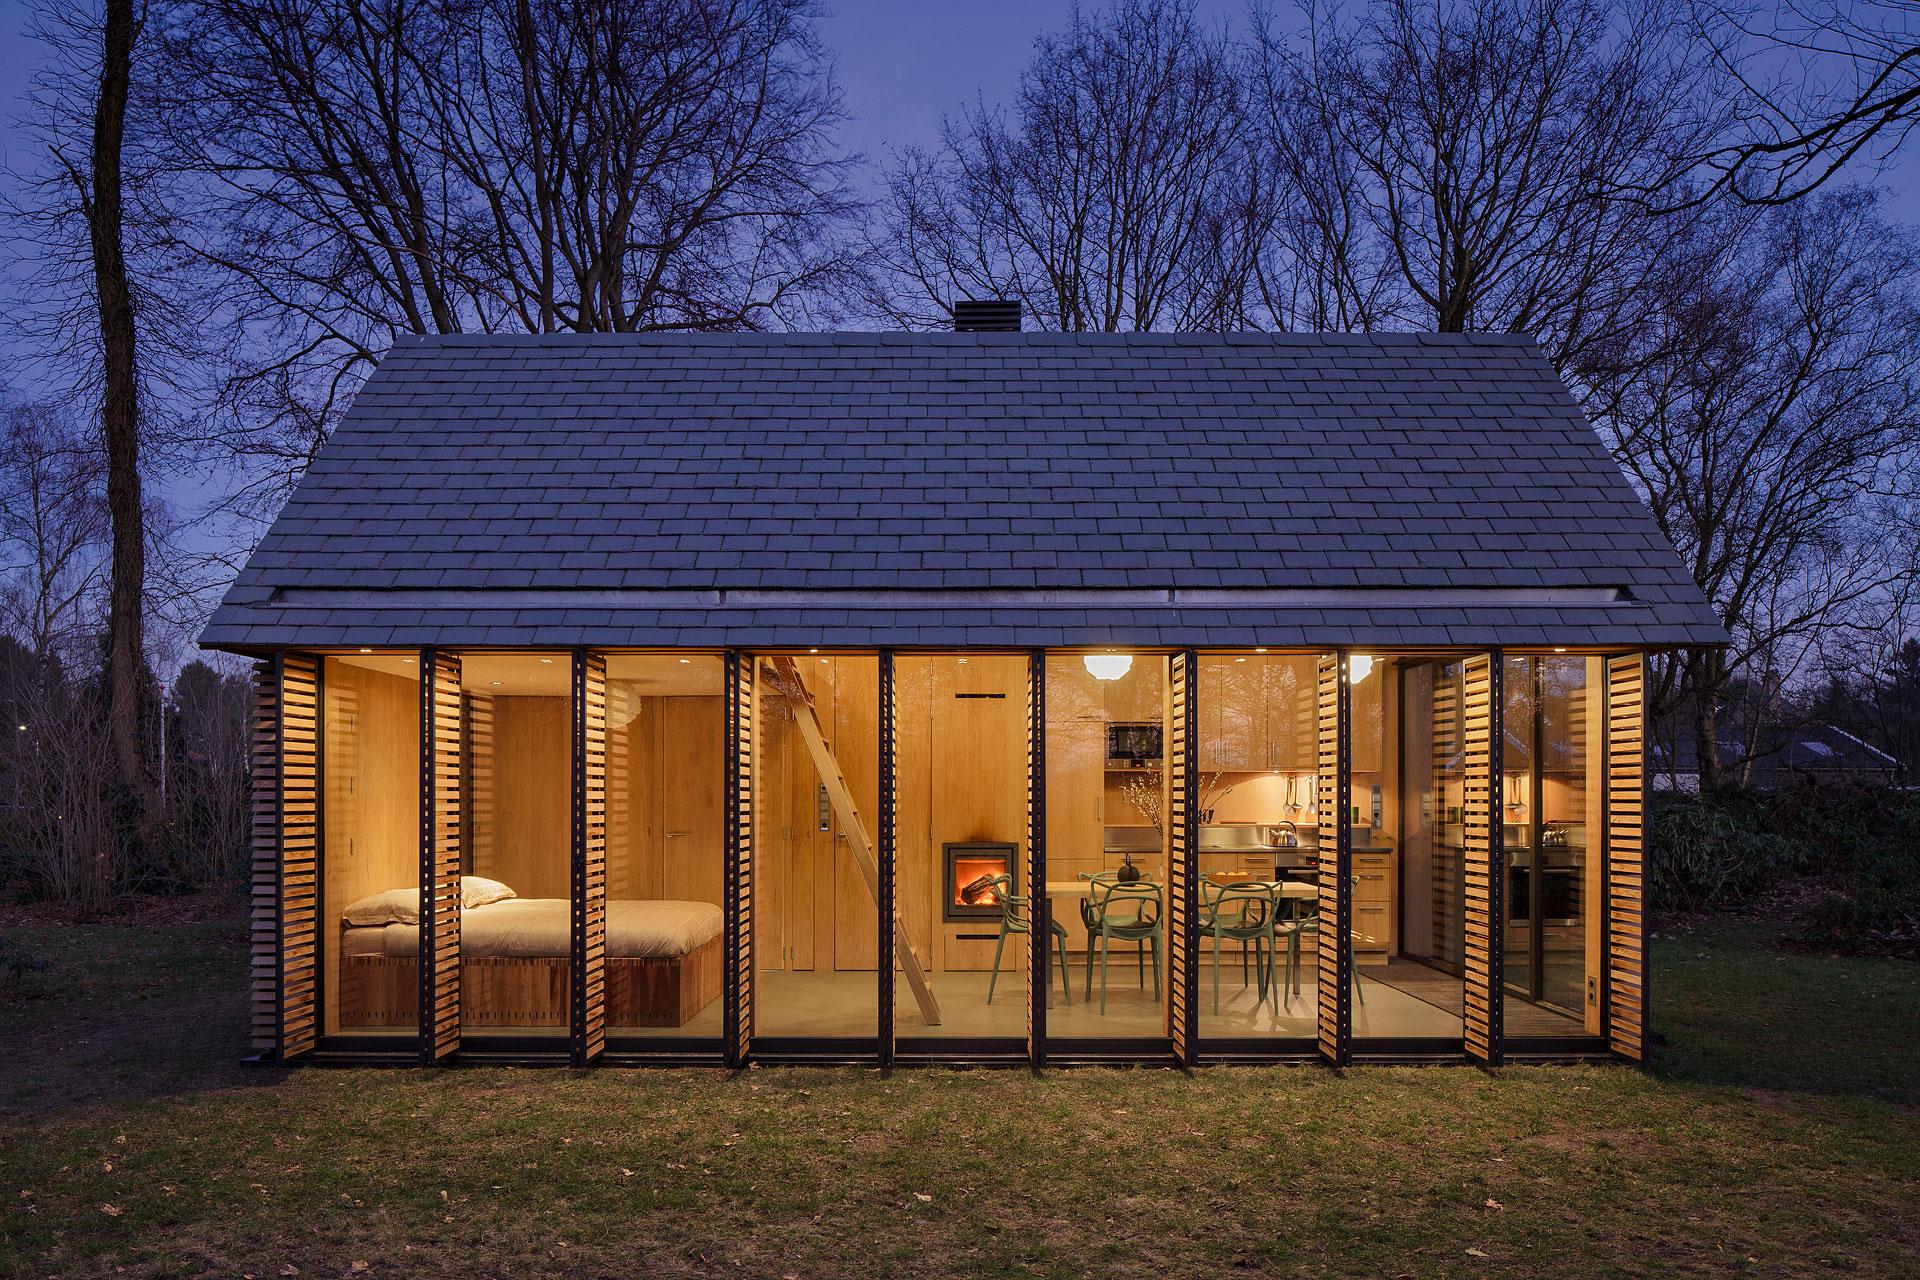 Stijn-Poelstra-Architectuurfotografie-Zecc-Tuinhuis-10